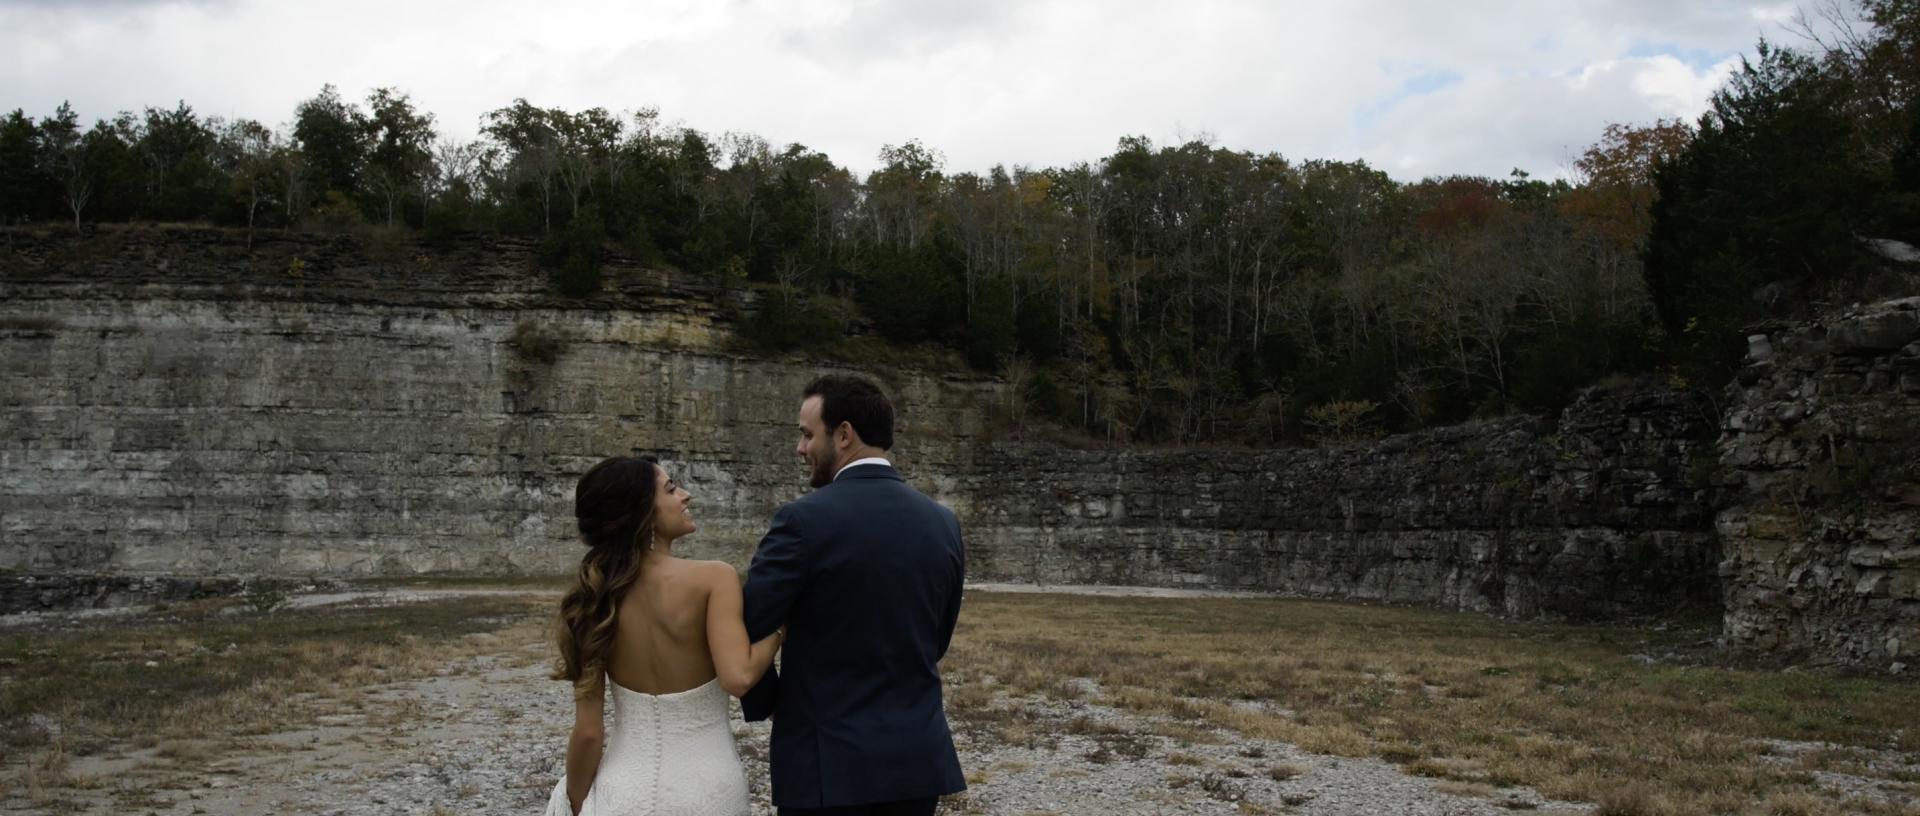 Gabriella + Jason | Nashville, Tennessee